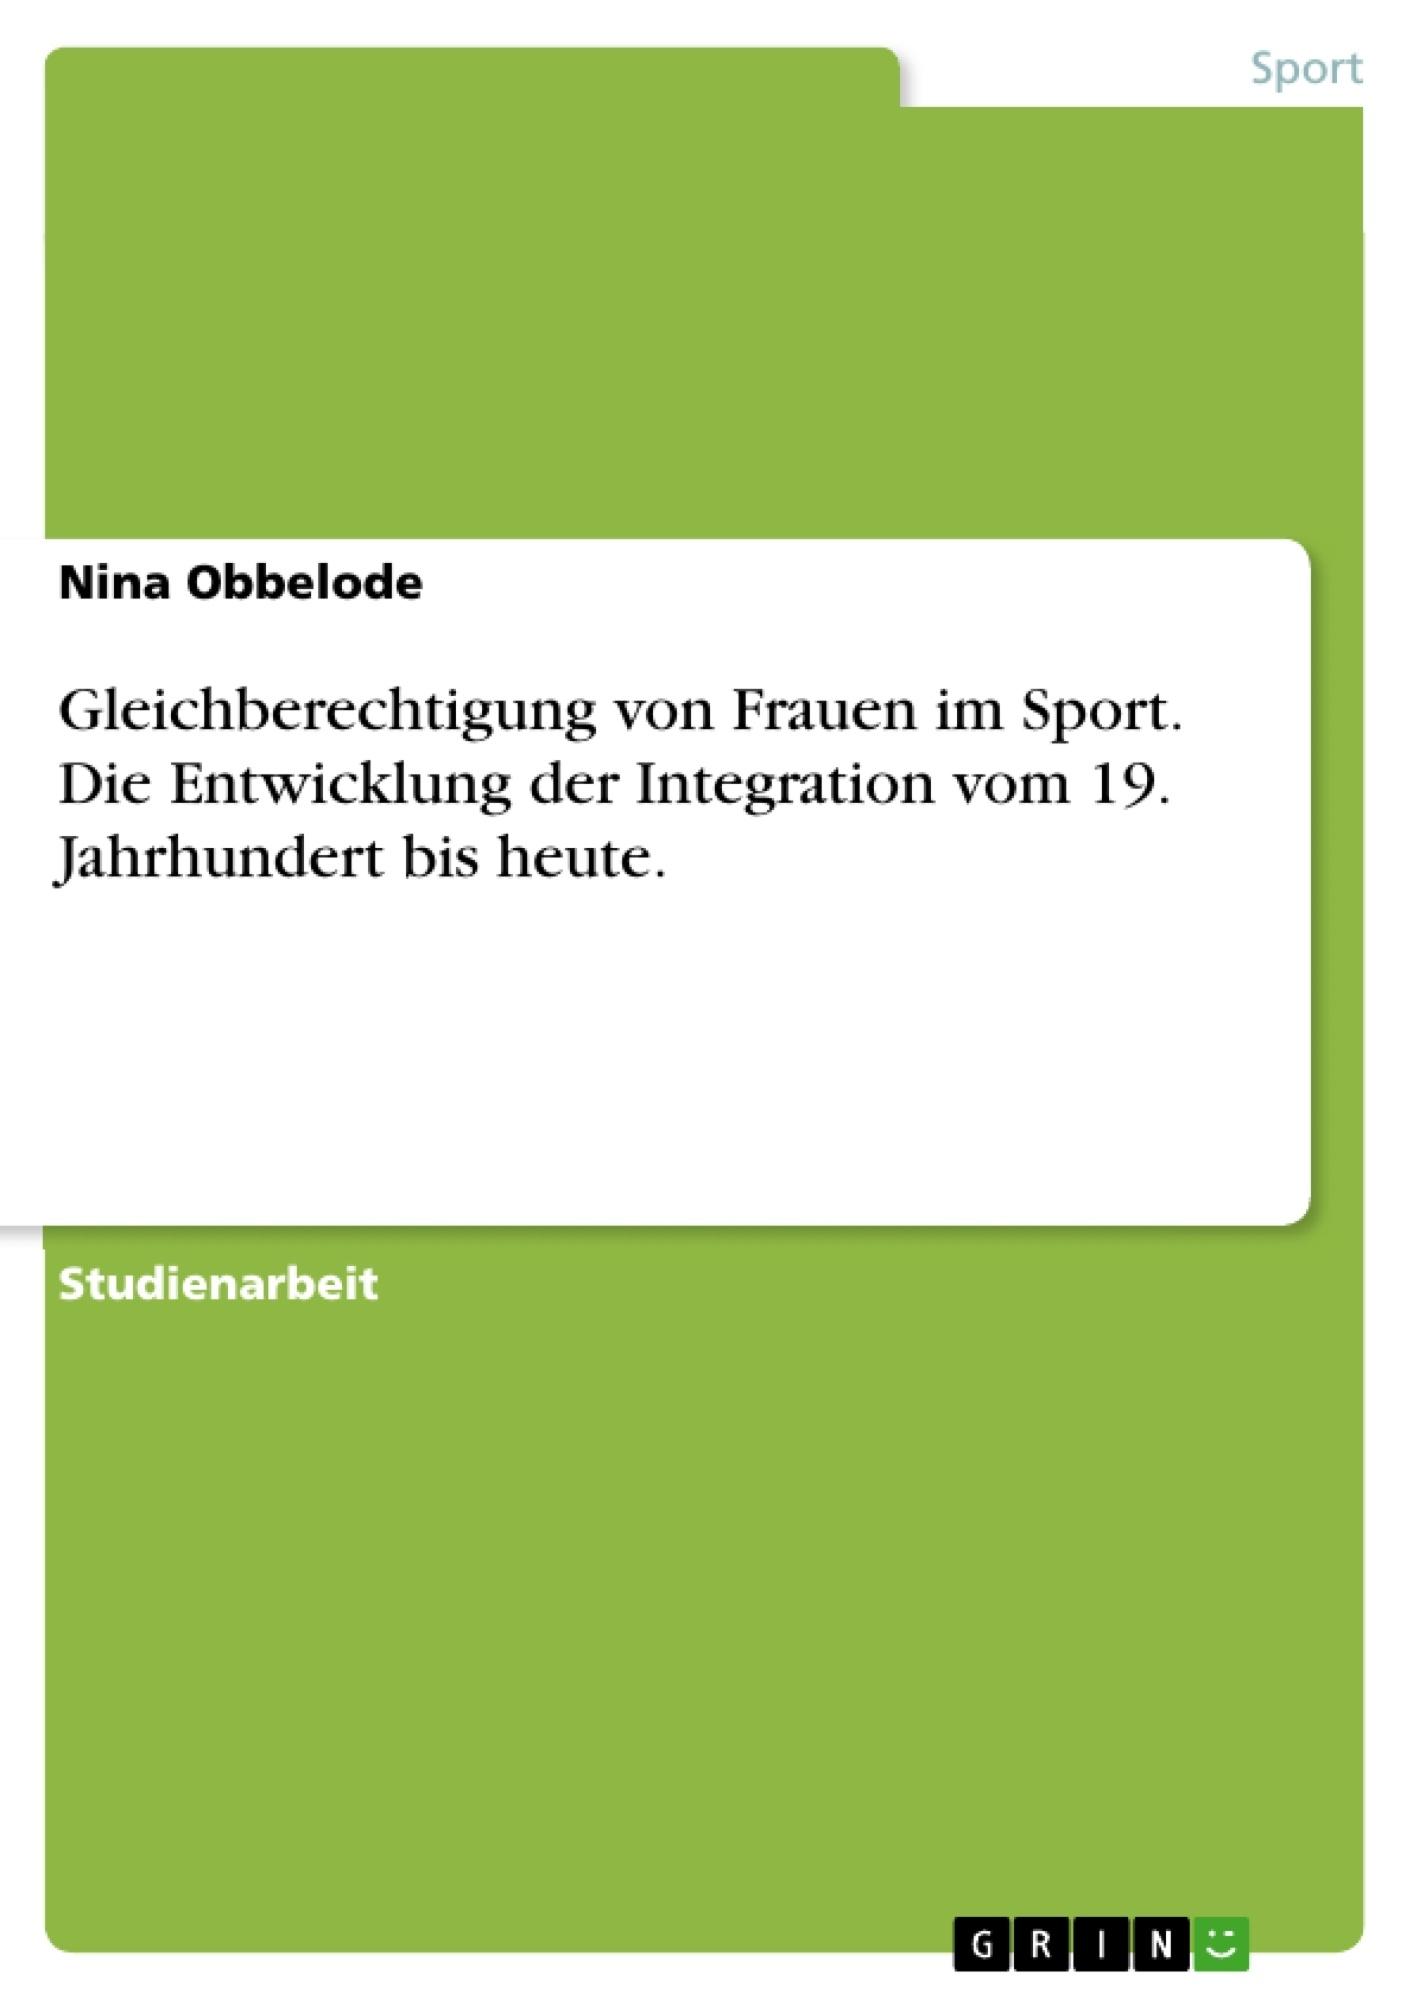 Titel: Gleichberechtigung von Frauen im Sport. Die Entwicklung der Integration vom 19. Jahrhundert bis heute.